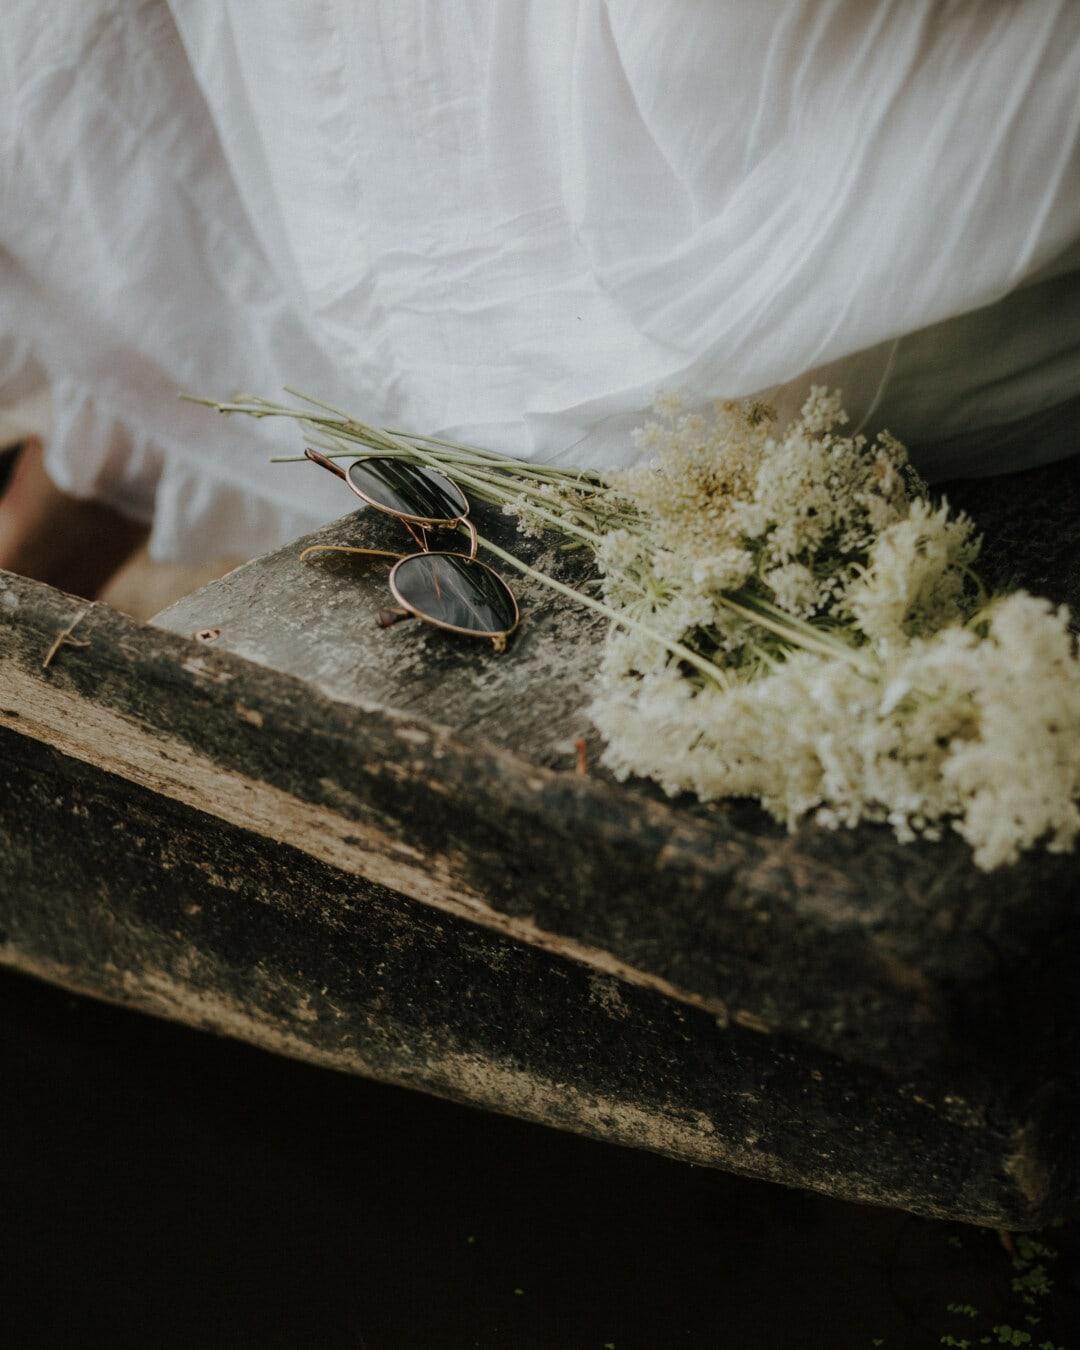 Sonnenbrille, Jahrgang, Altmodisch, aus nächster Nähe, weiße Blume, weiß, Kleid, Blume, Natur, Blatt